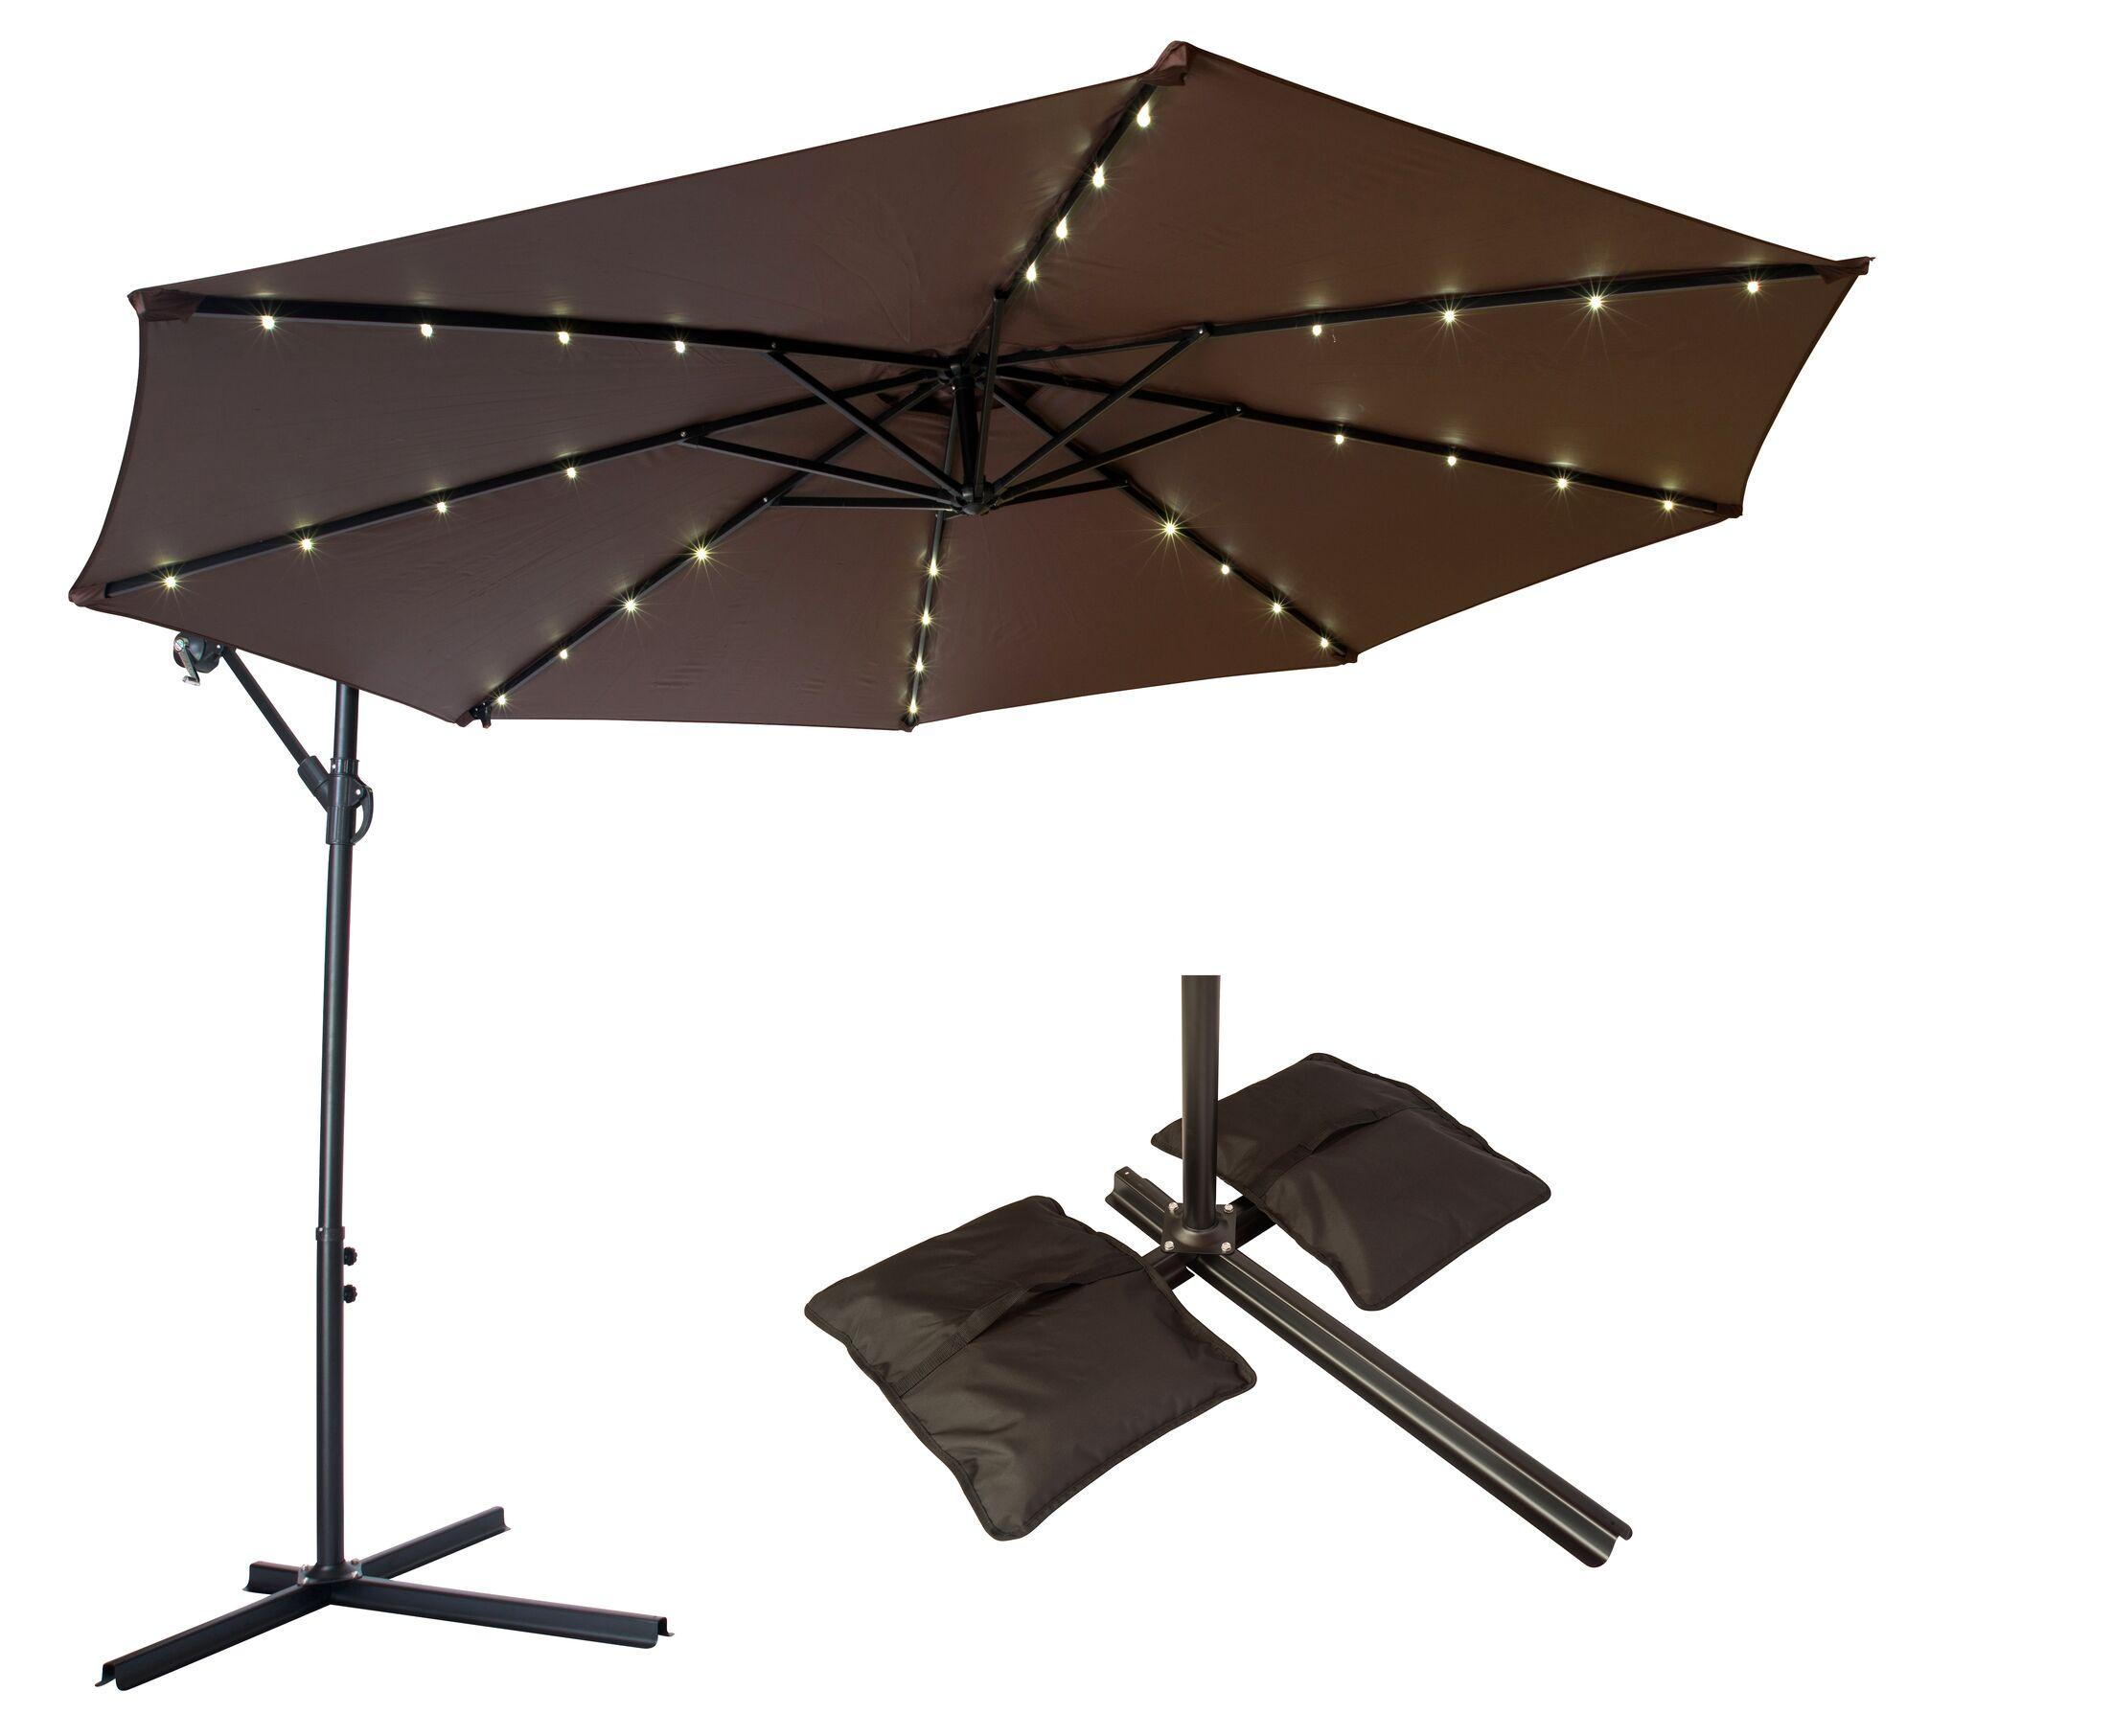 10' Cantilever Umbrella Color: Dark Brown